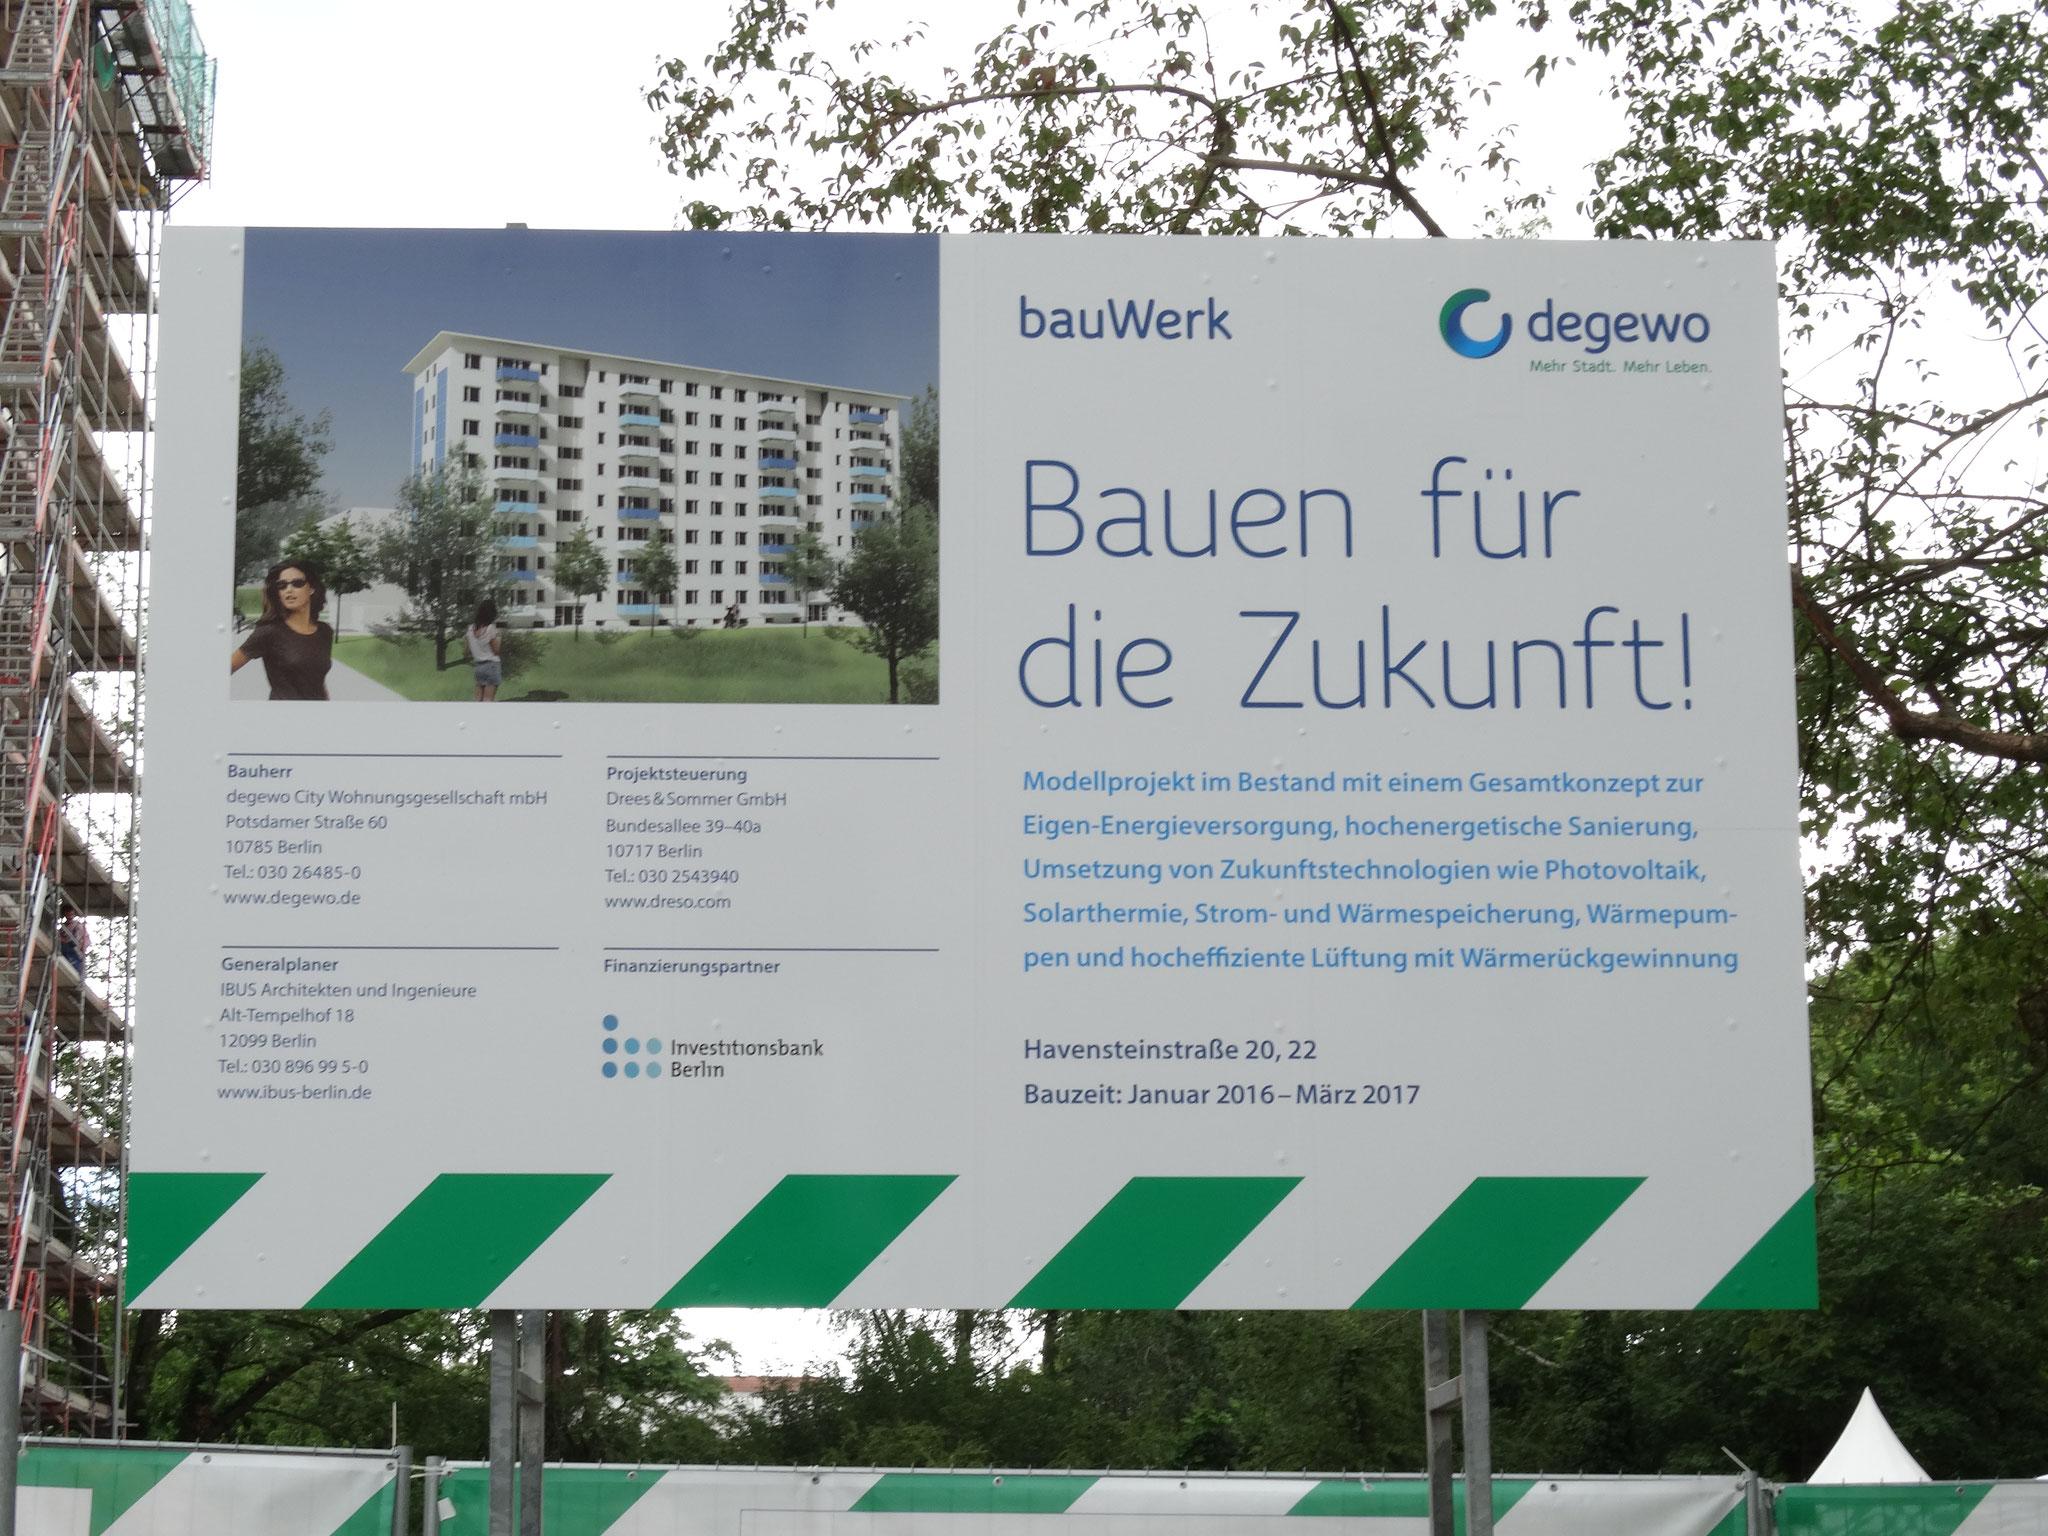 Wohnanlage Havensteinstraße 20, 22 in 12249 Berlin - Zukunftshaus-